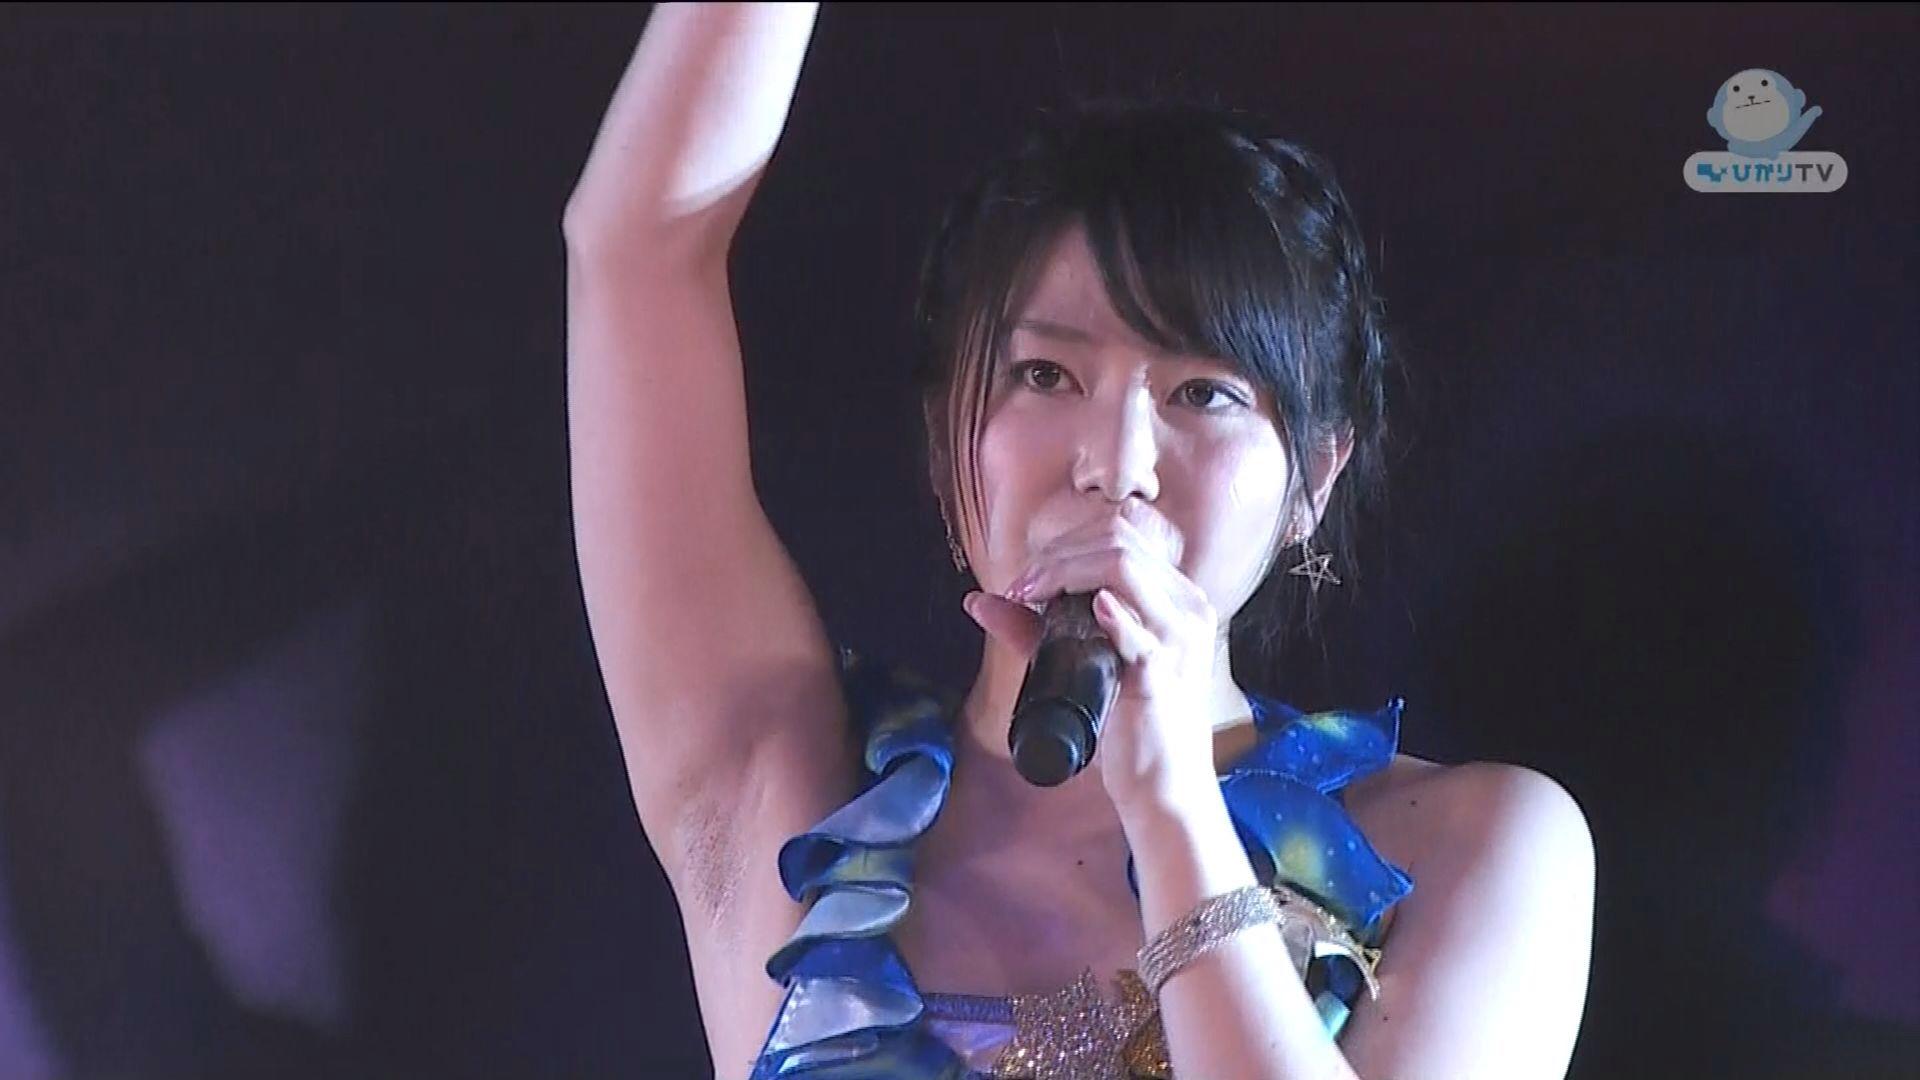 AKB48・横山由依の腋がジョリジョリ 横山由依のワキ毛